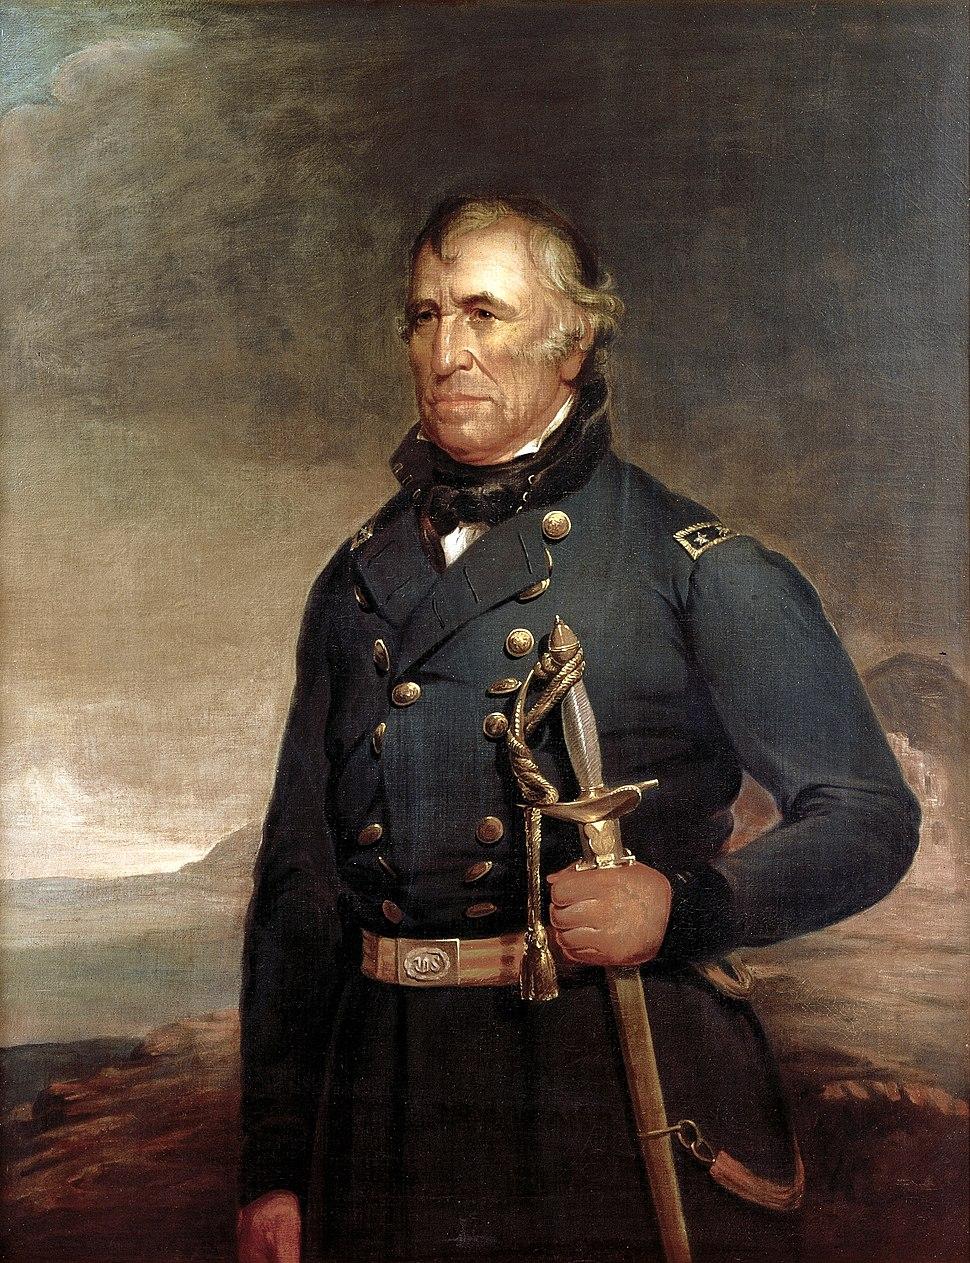 Zachary Taylor by Joseph Henry Bush, c1848